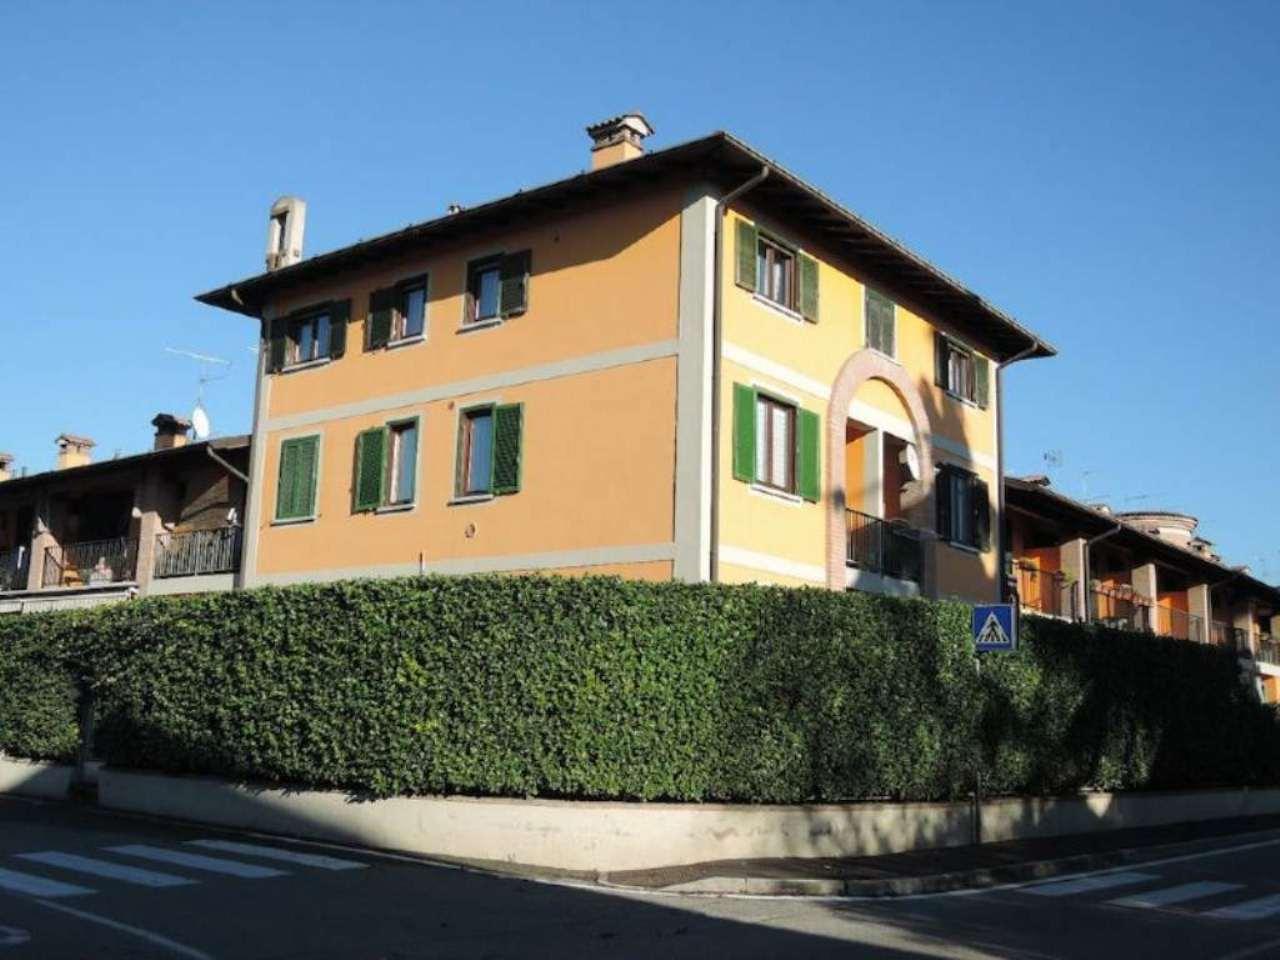 Appartamento in vendita a Castel Mella, 4 locali, prezzo € 169.000 | Cambio Casa.it